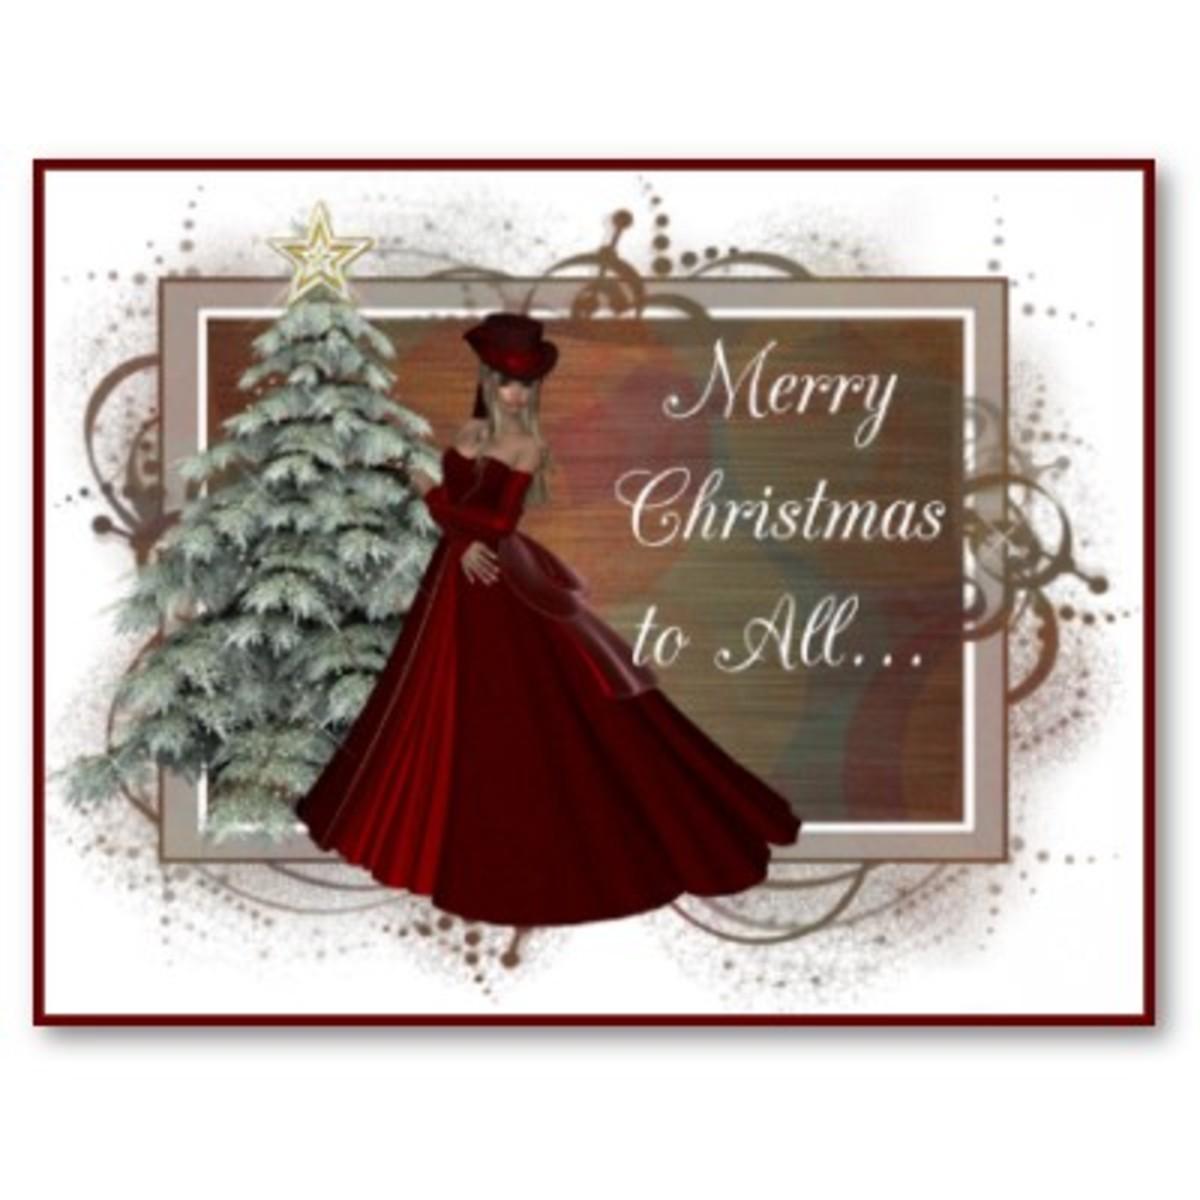 Ρούχα και αξεσουάρ για glamorous γιορτινές εμφανίσεις! | Newsit.gr